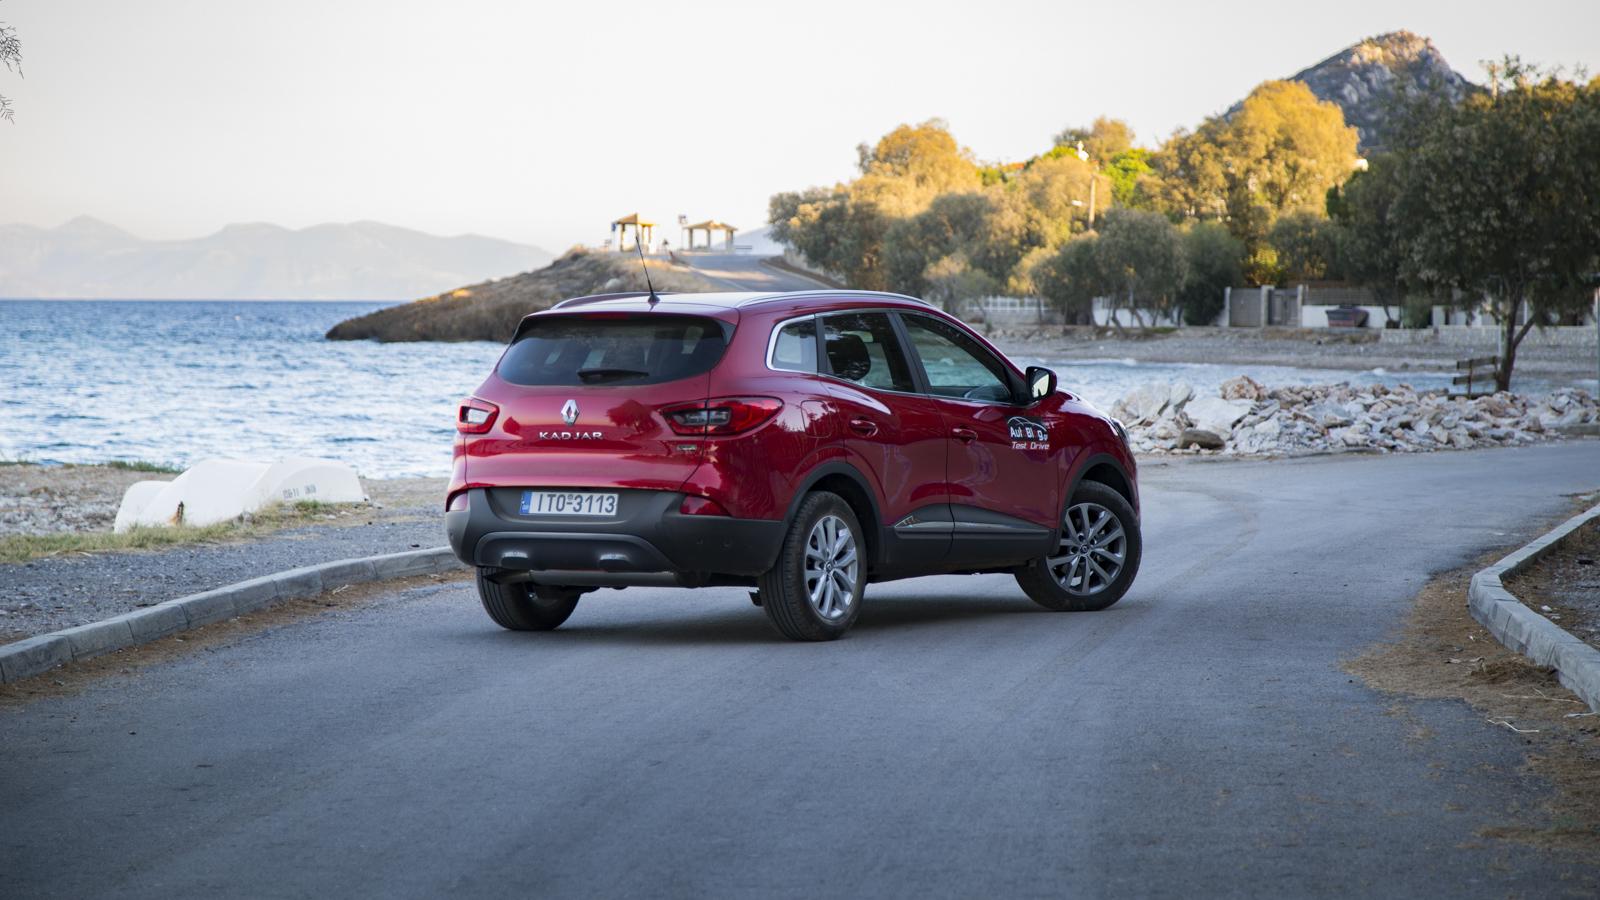 Test_Drive_Renault_Kadjar_09